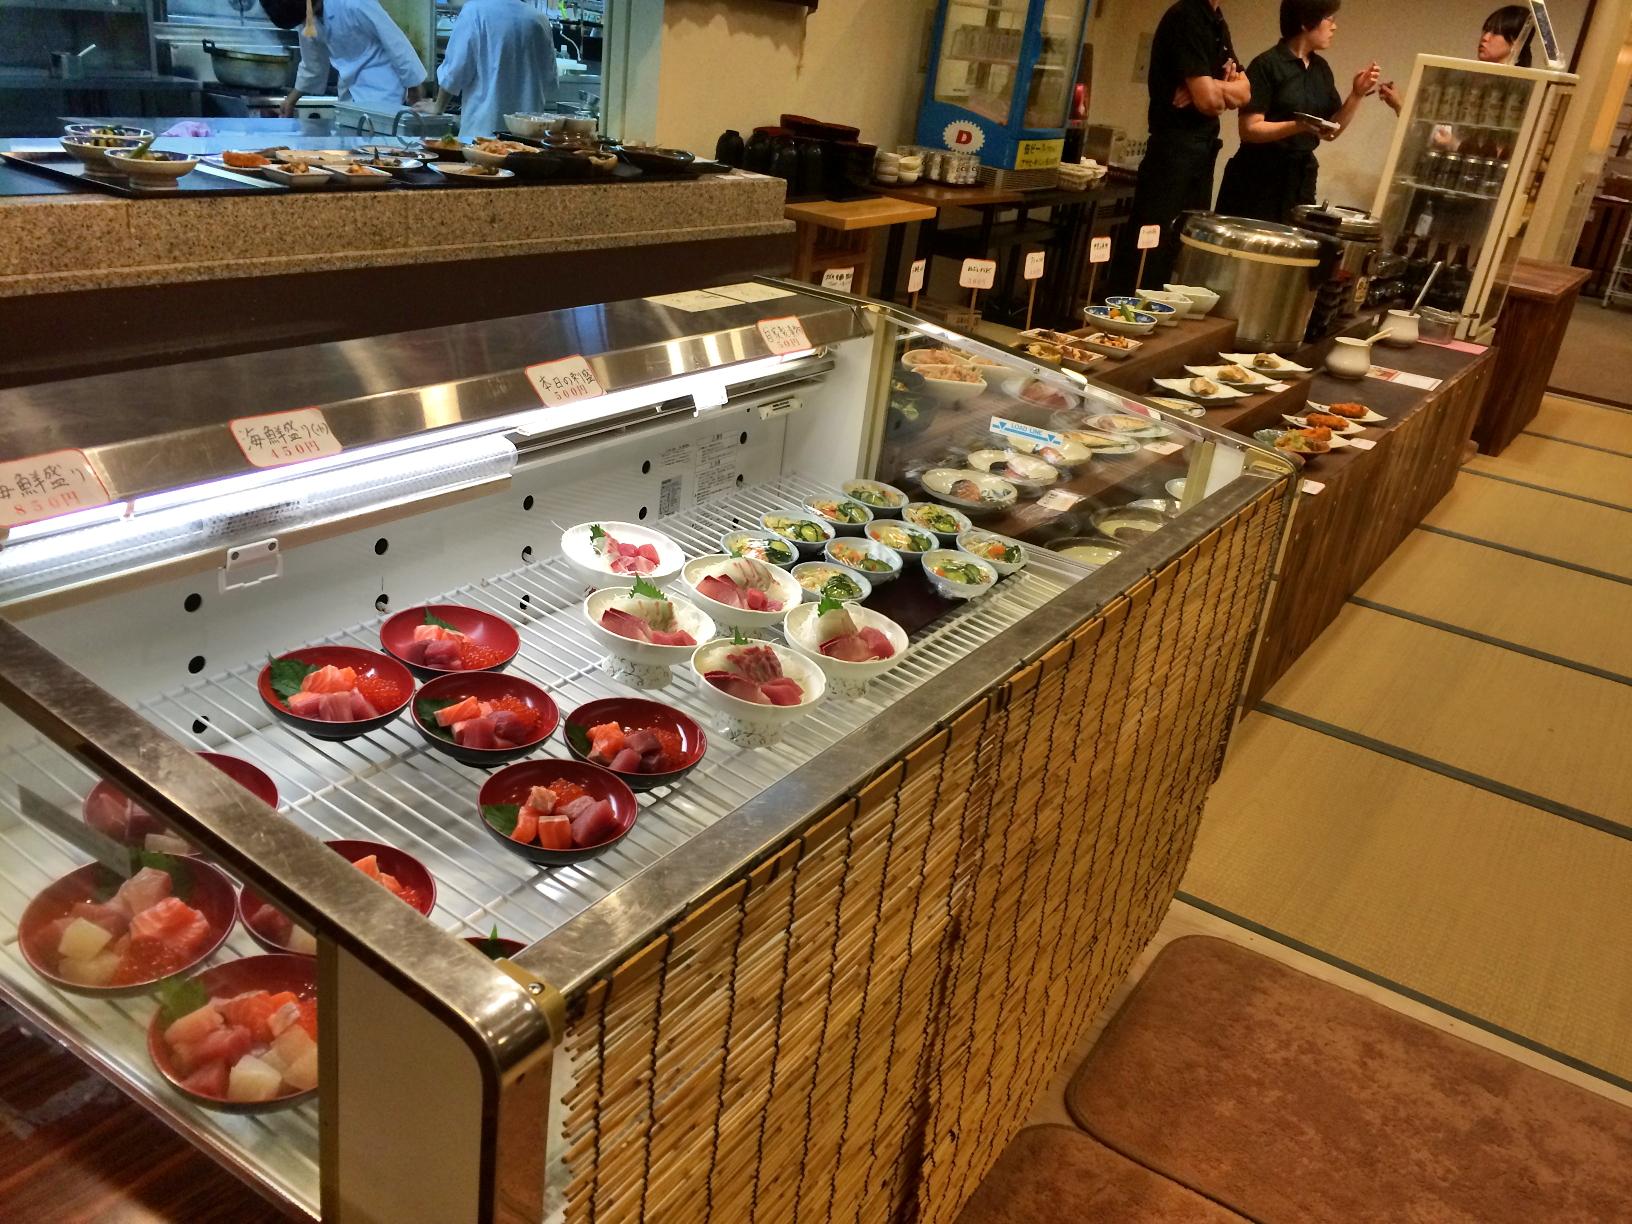 瀬戸内の鮮魚を堪能できるお食事処「魚千食堂」オープン!神勝寺温泉 昭和の湯